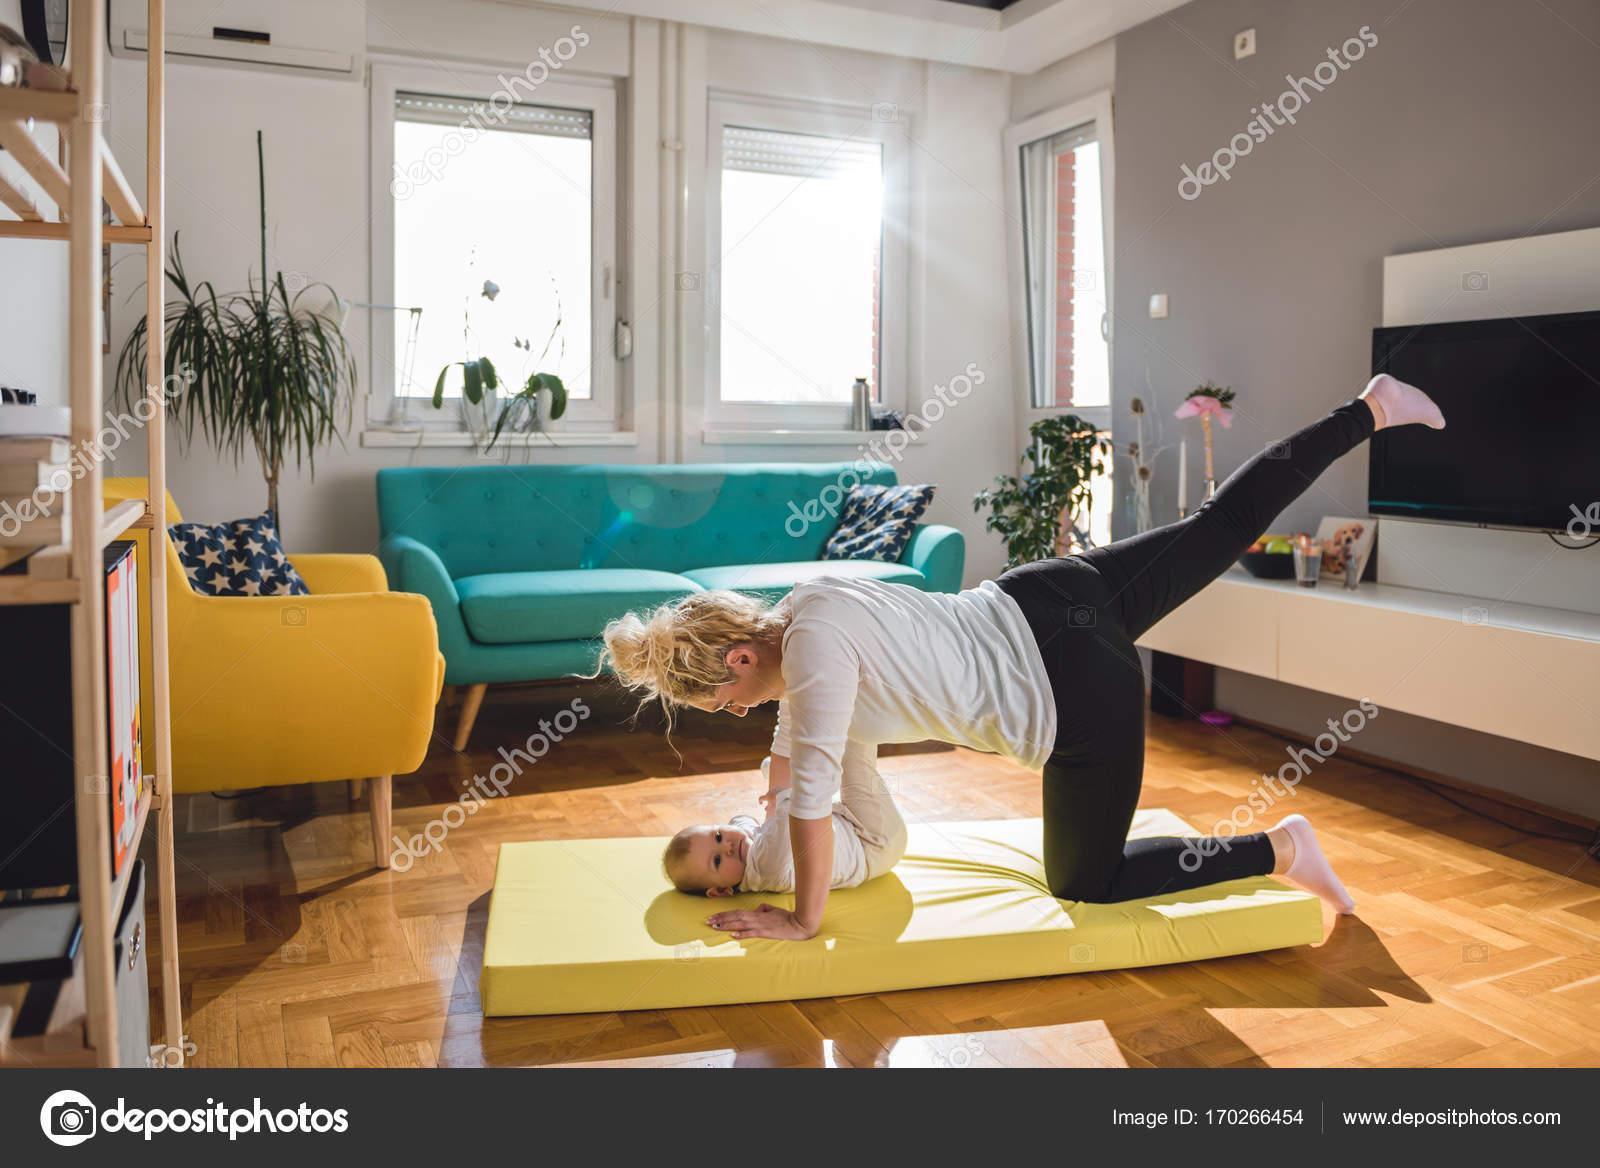 M E Com Beb No Tapete Amarelo Stock Photo Kerkezz 170266454 -> Tapete Para Sala De Pilates